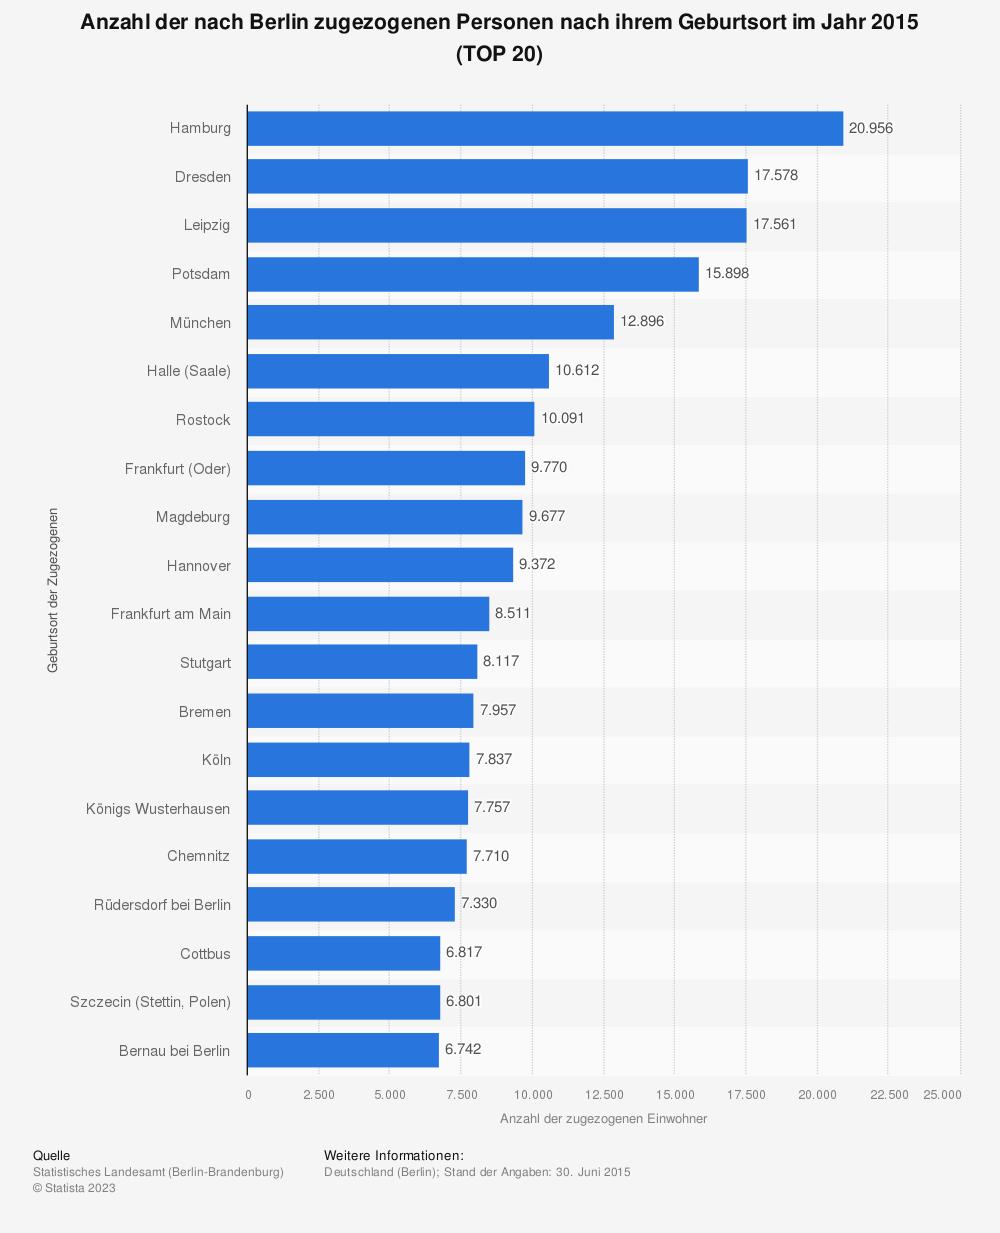 Statistik: Anzahl der nach Berlin zugezogenen Personen nach ihrem Geburtsort im Jahr 2015 (TOP 20) | Statista